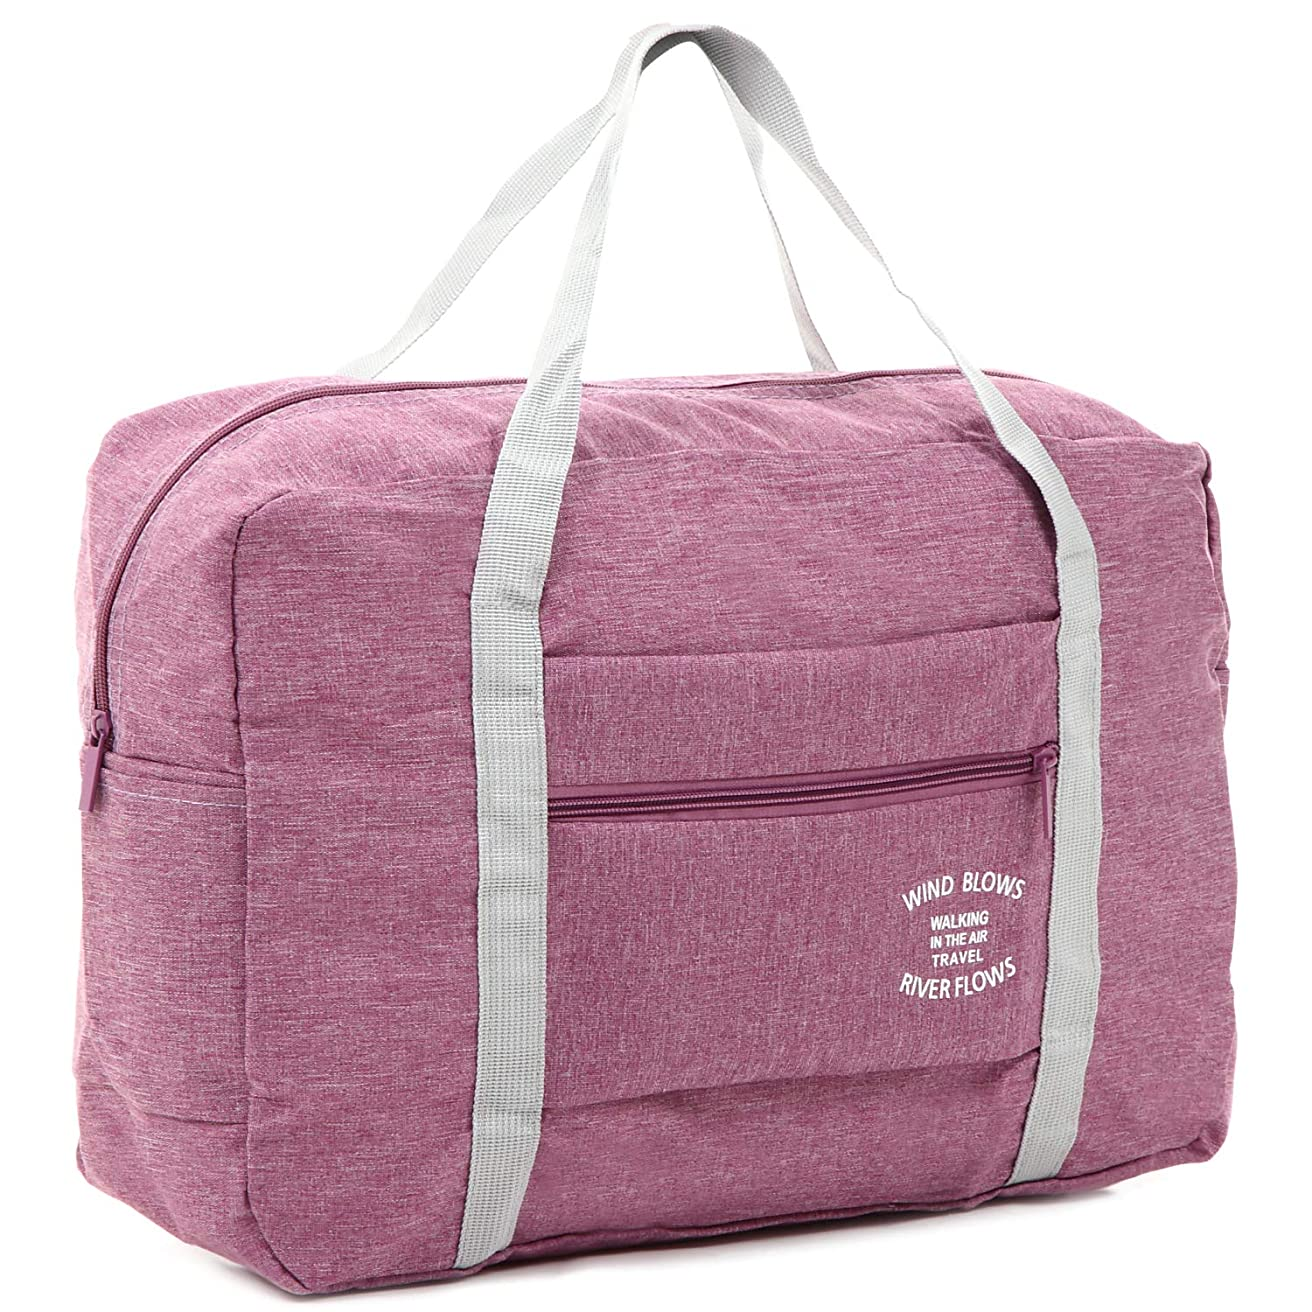 良心カトリック教徒盲信[excerly] キャリーオンバッグ 折りたたみ 軽量 トラベルバッグ 旅行バッグ